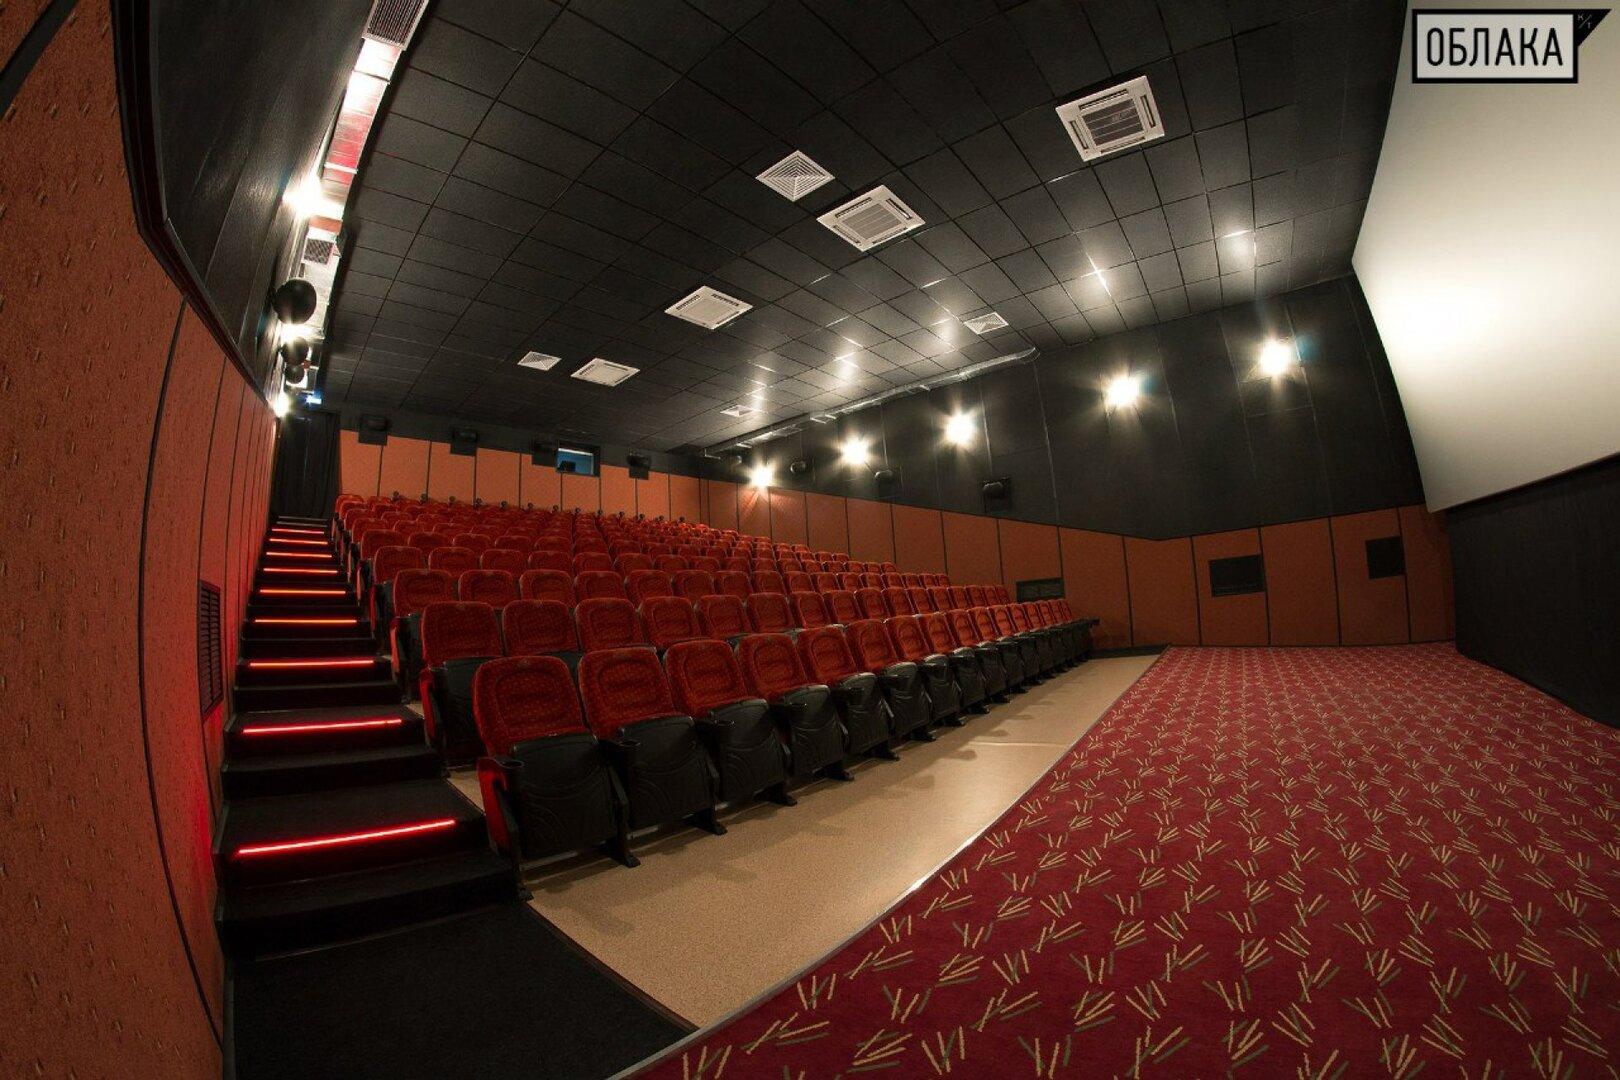 Сегодня в кино афиша облака lana del rey билеты на концерт в москве